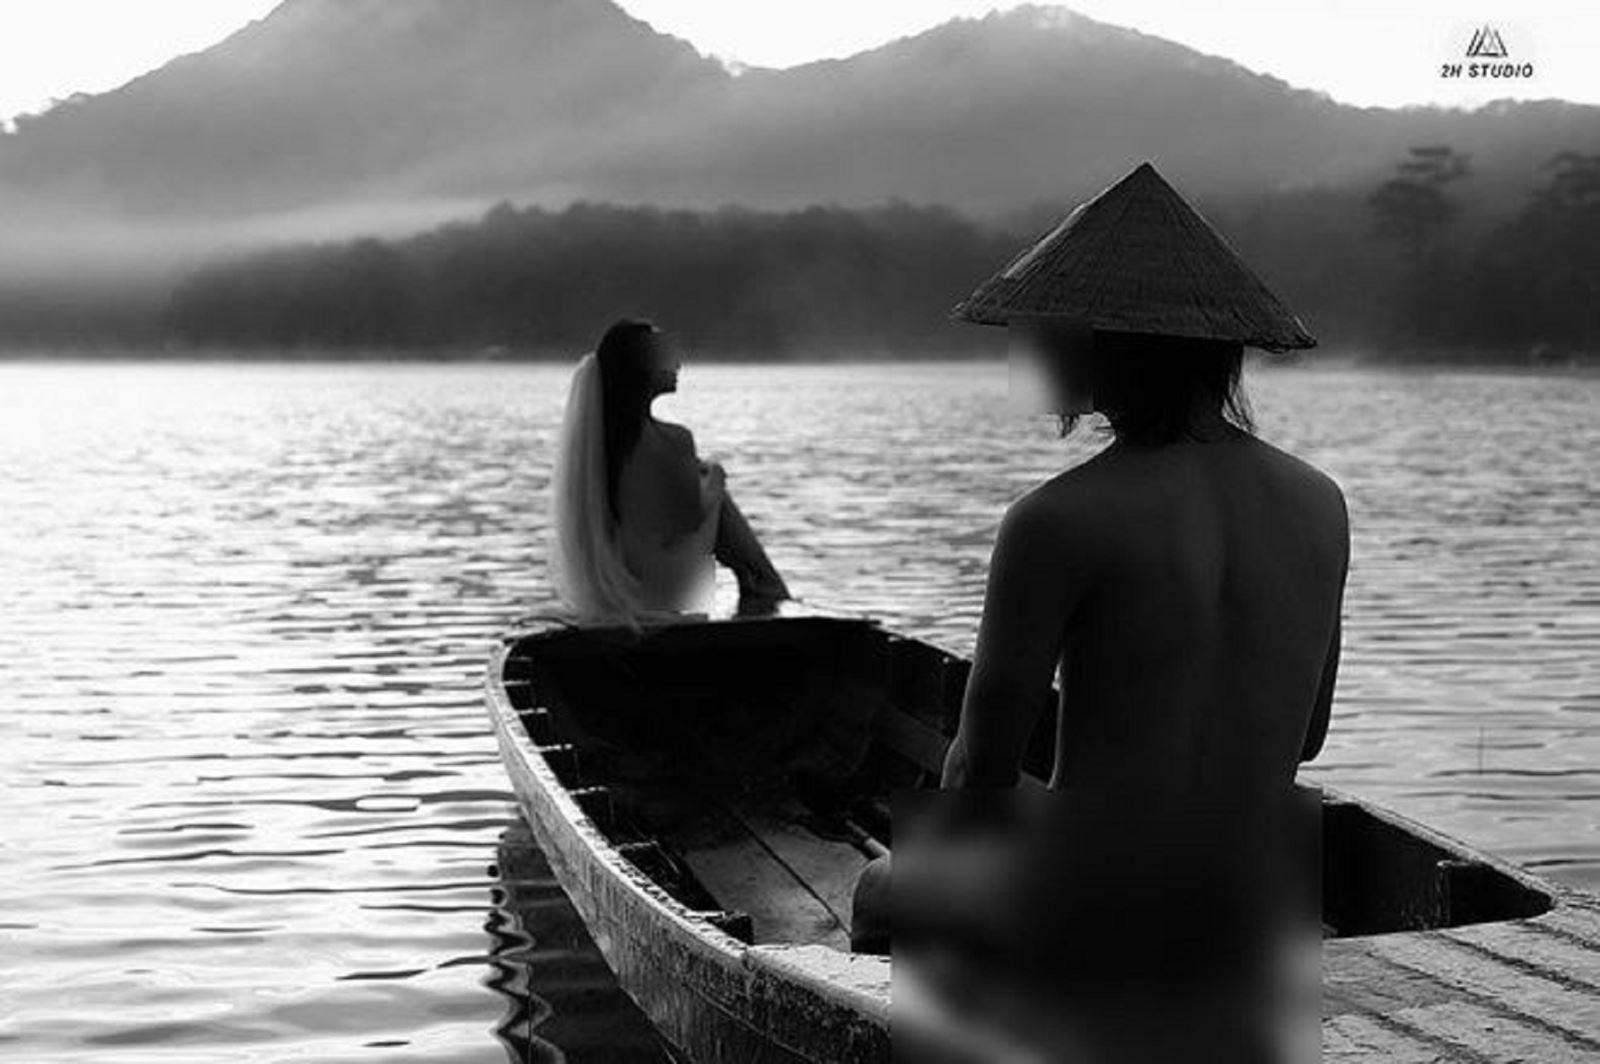 Bộ ảnh cưới Nude hồ Tuyền Lâm bị ném đá gay gắthot nhất hiện nay